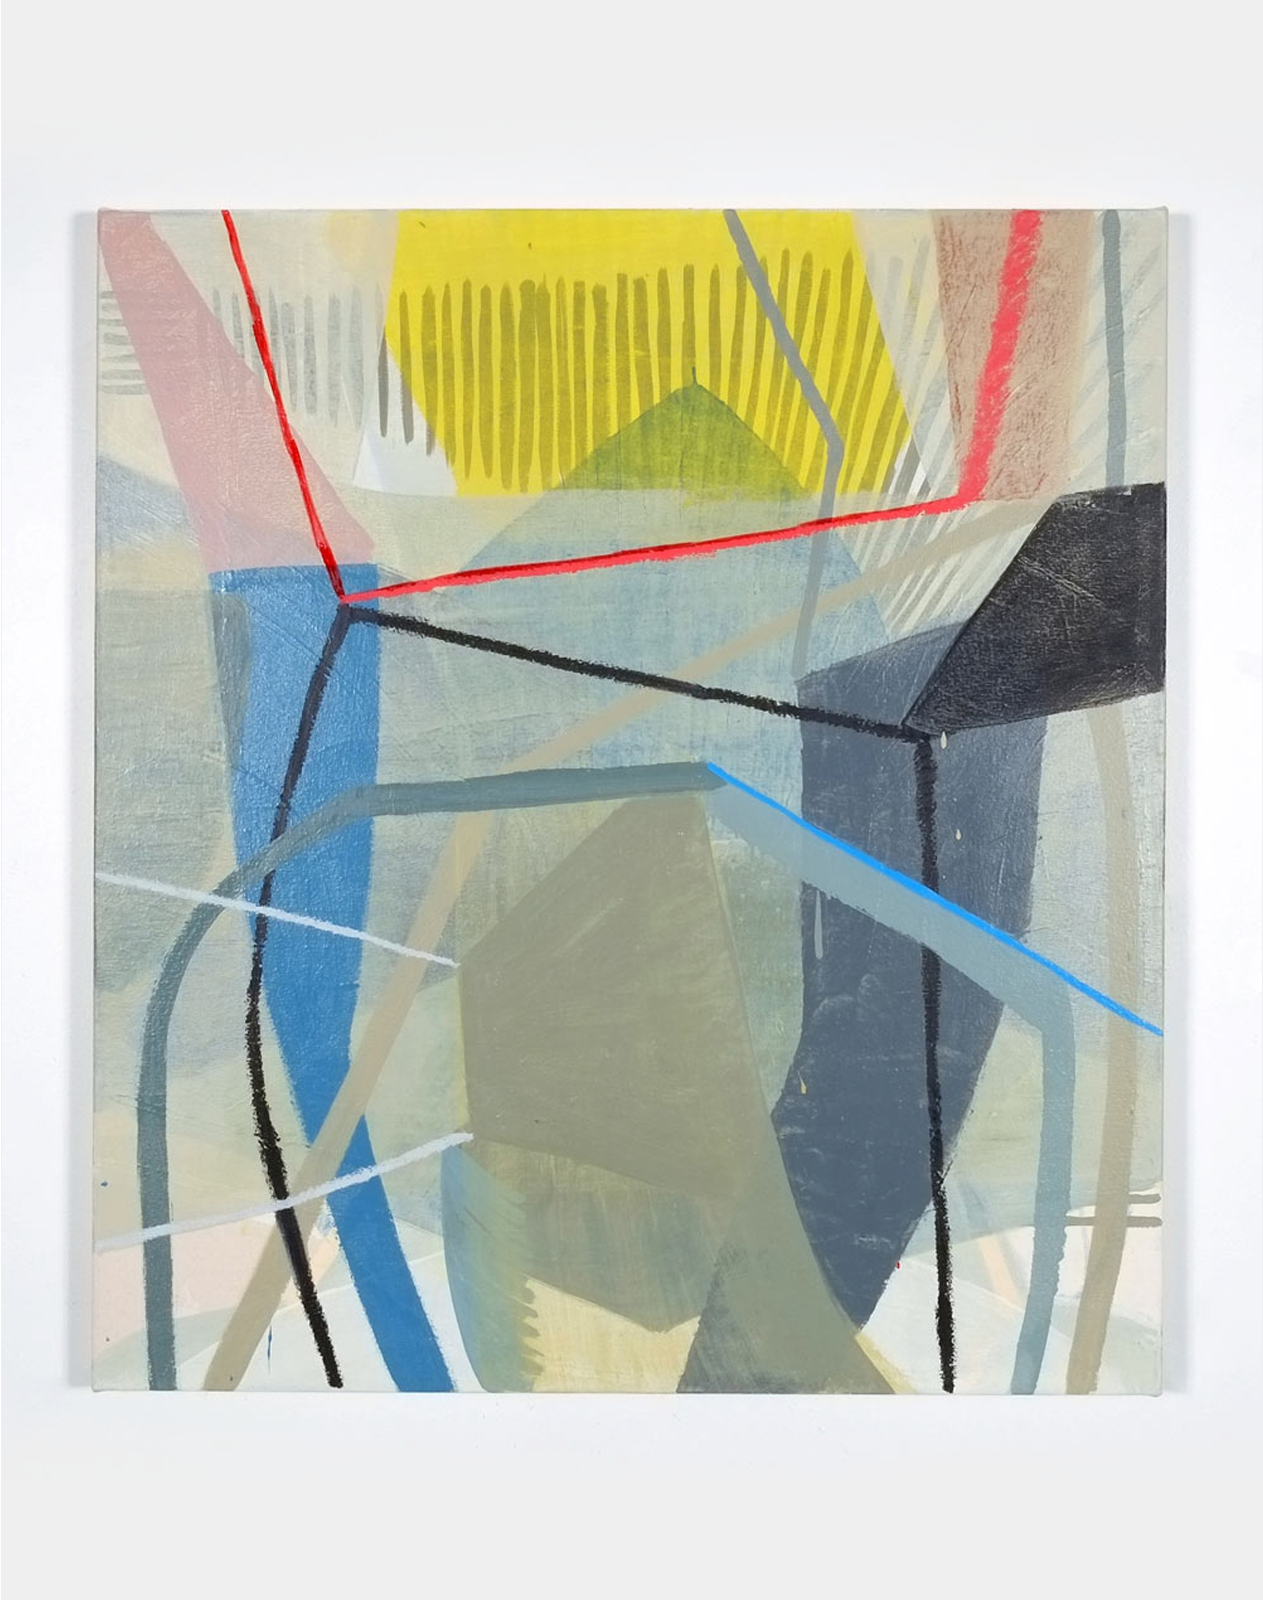 k-anderson-arte-pintura-1